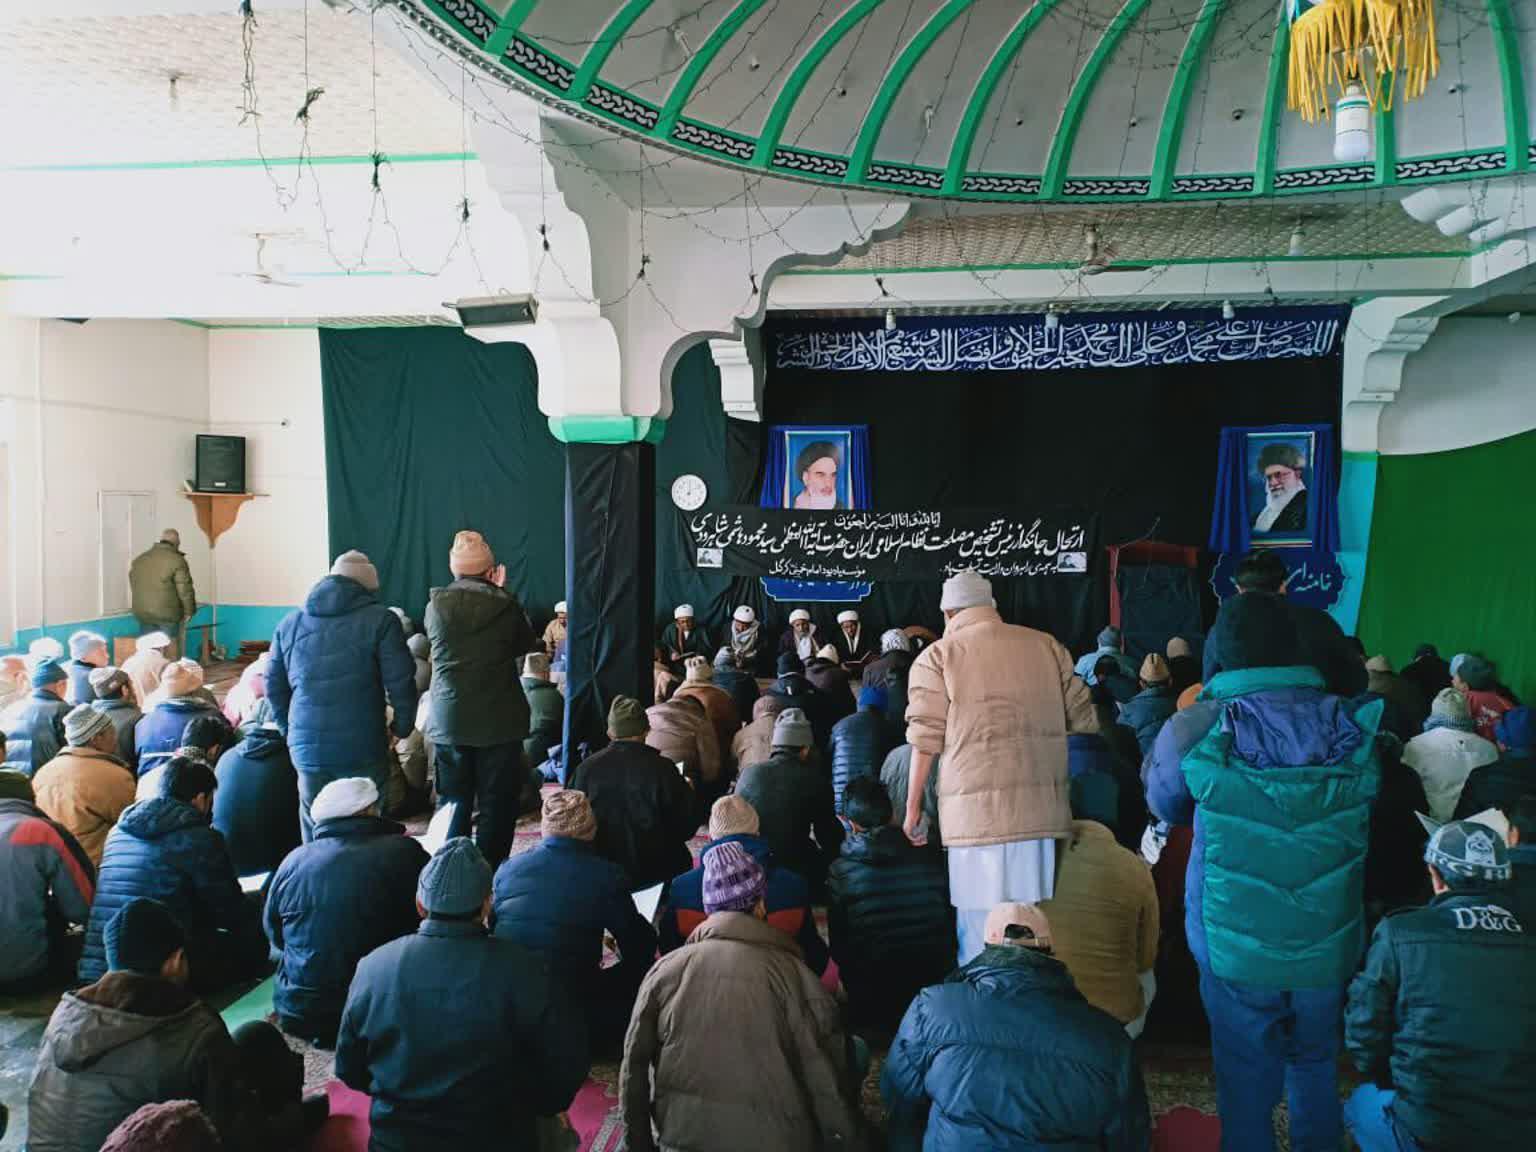 دسته عزاداری شیعیان کرگل هند به مناسبت درگذشت آیت الله هاشمی شاهرودی+عکس